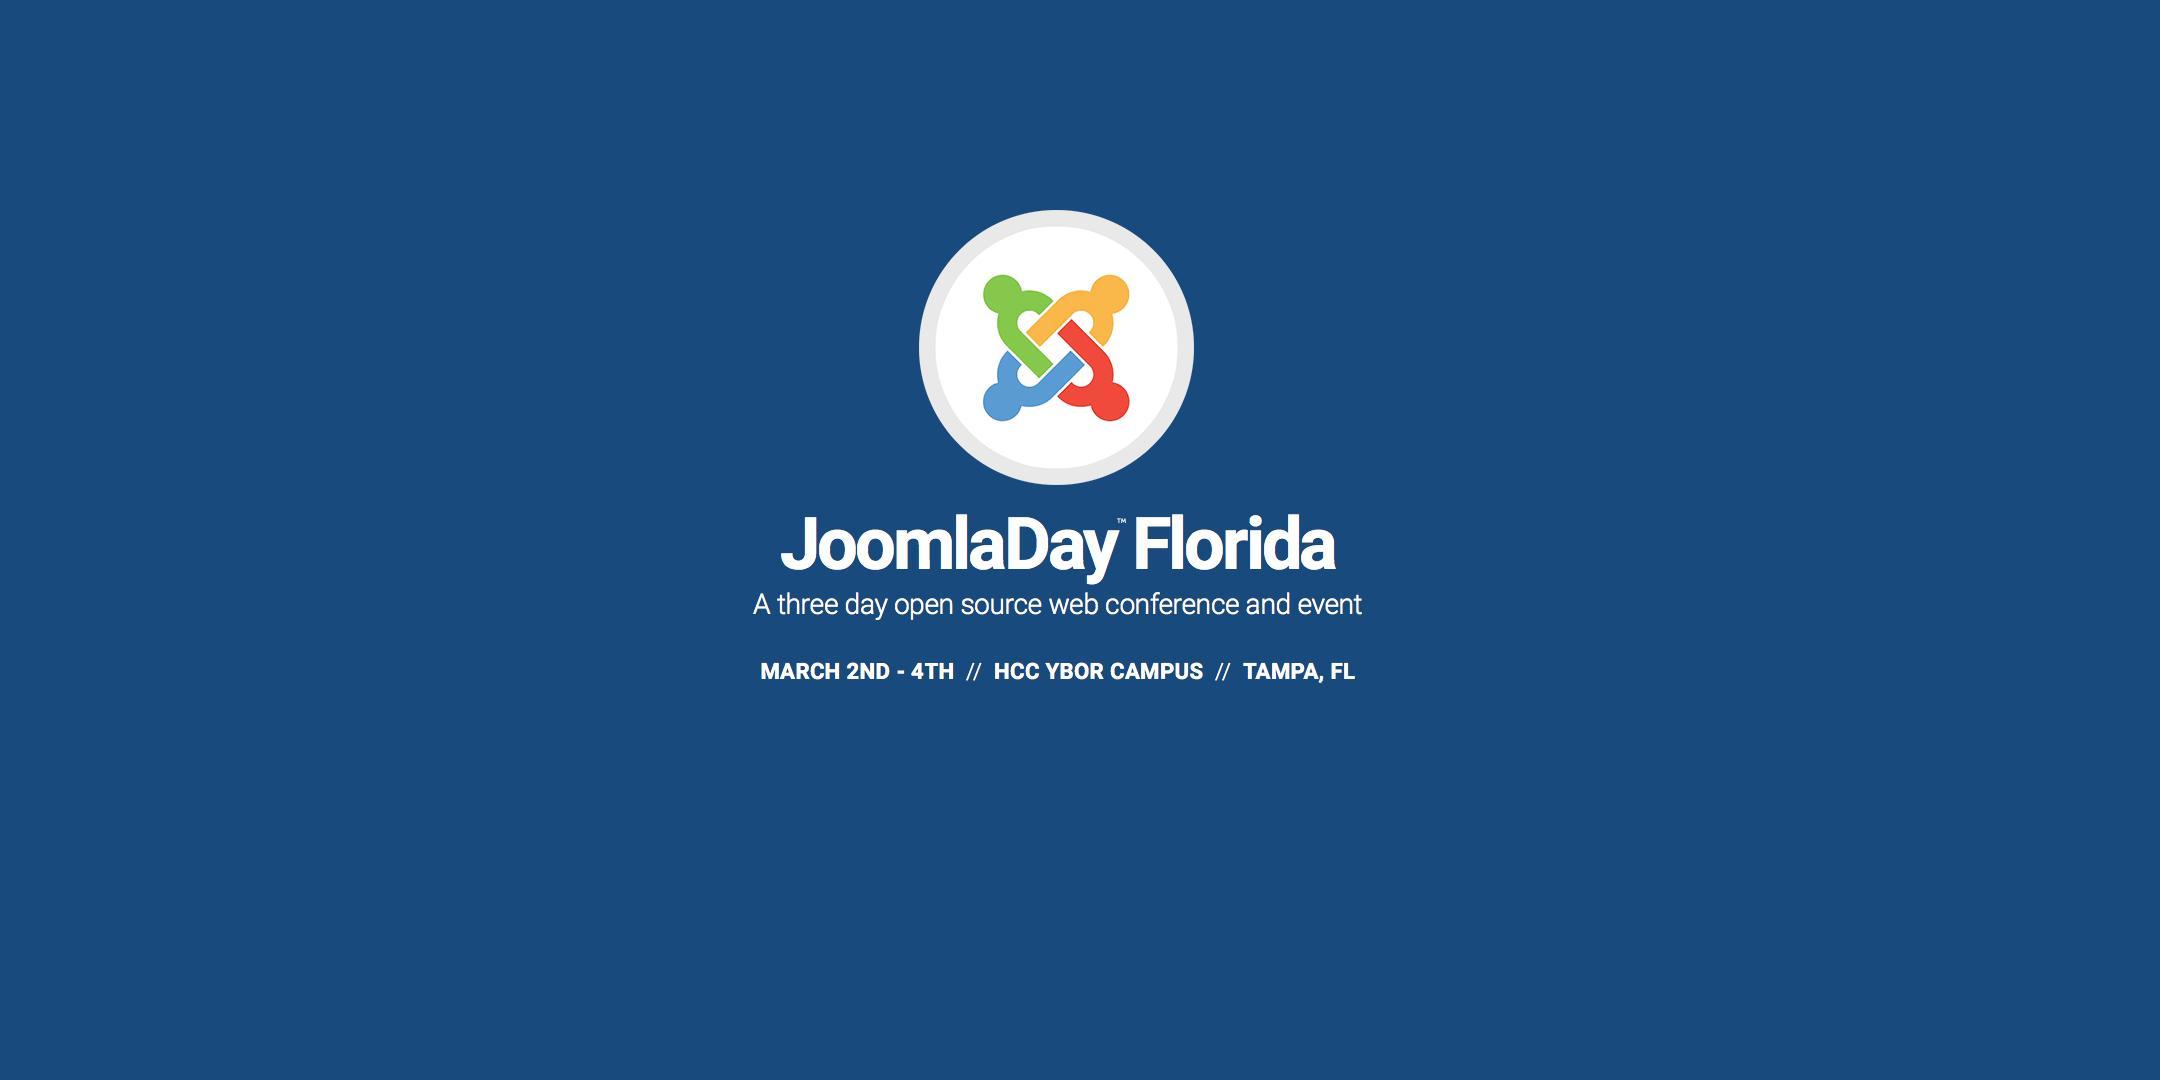 JoomlaDay Florida 2018